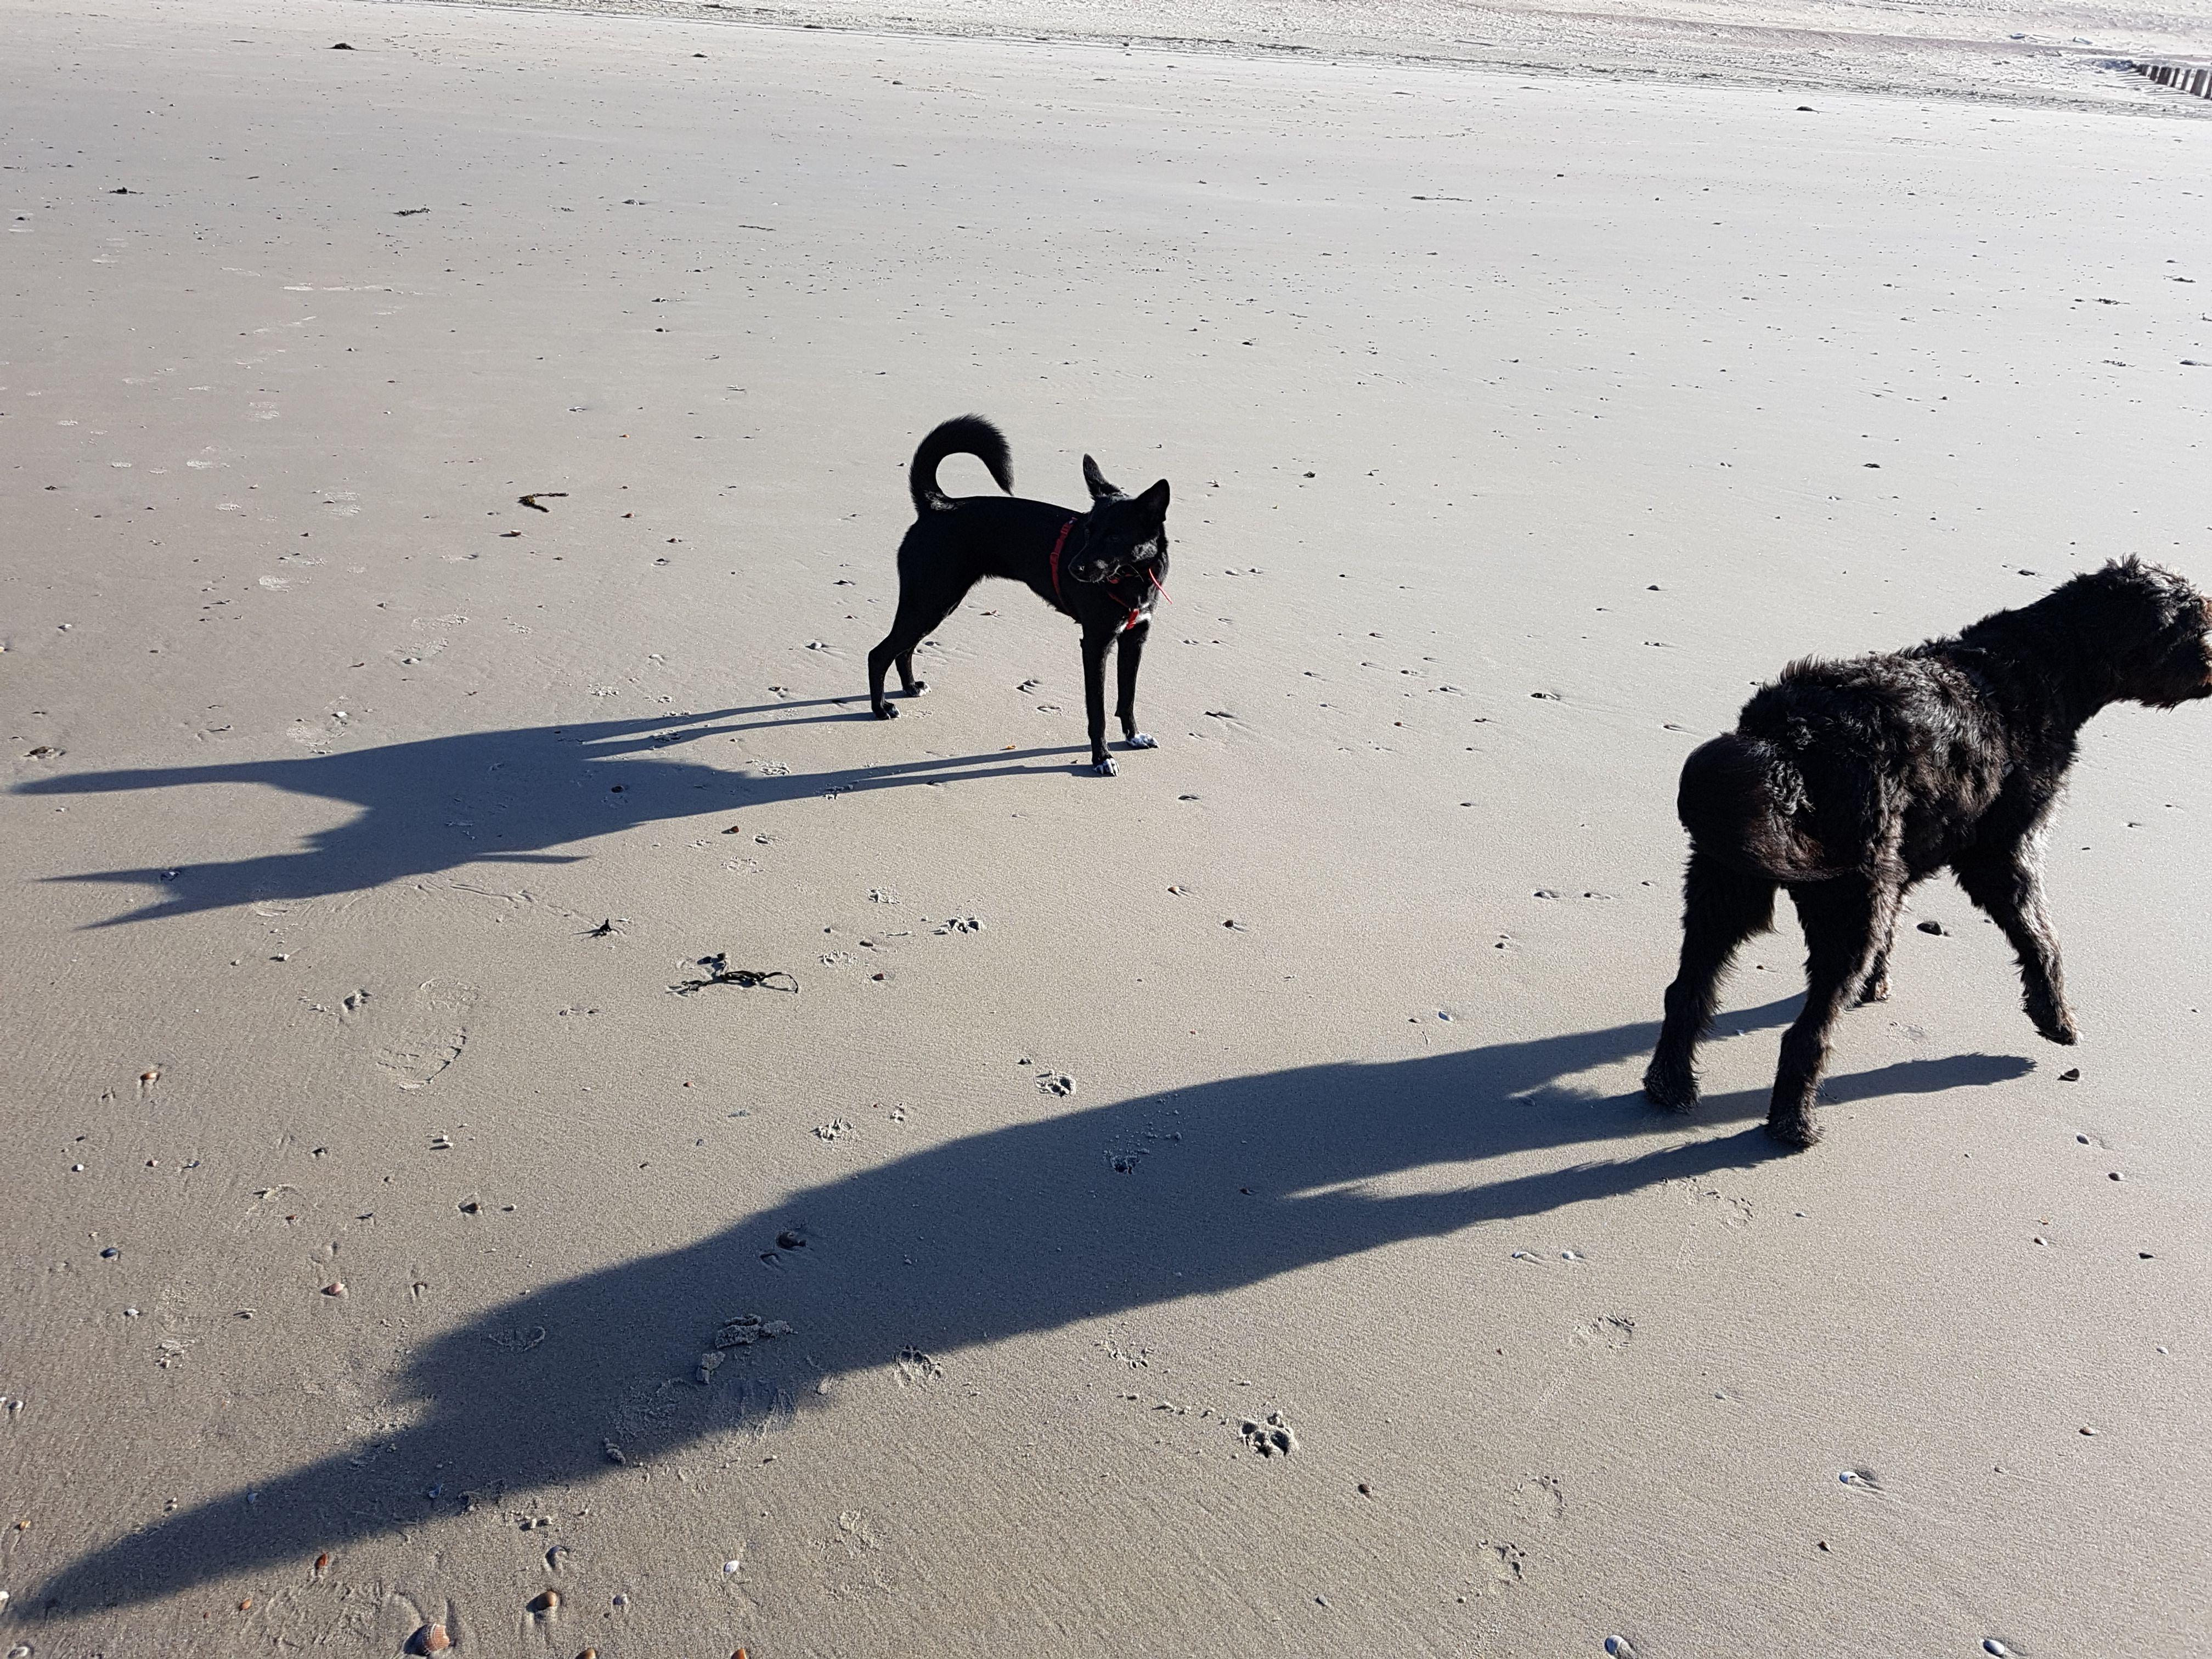 Dogs Hunde Beach Strand Schatten Shadow Mit Bildern